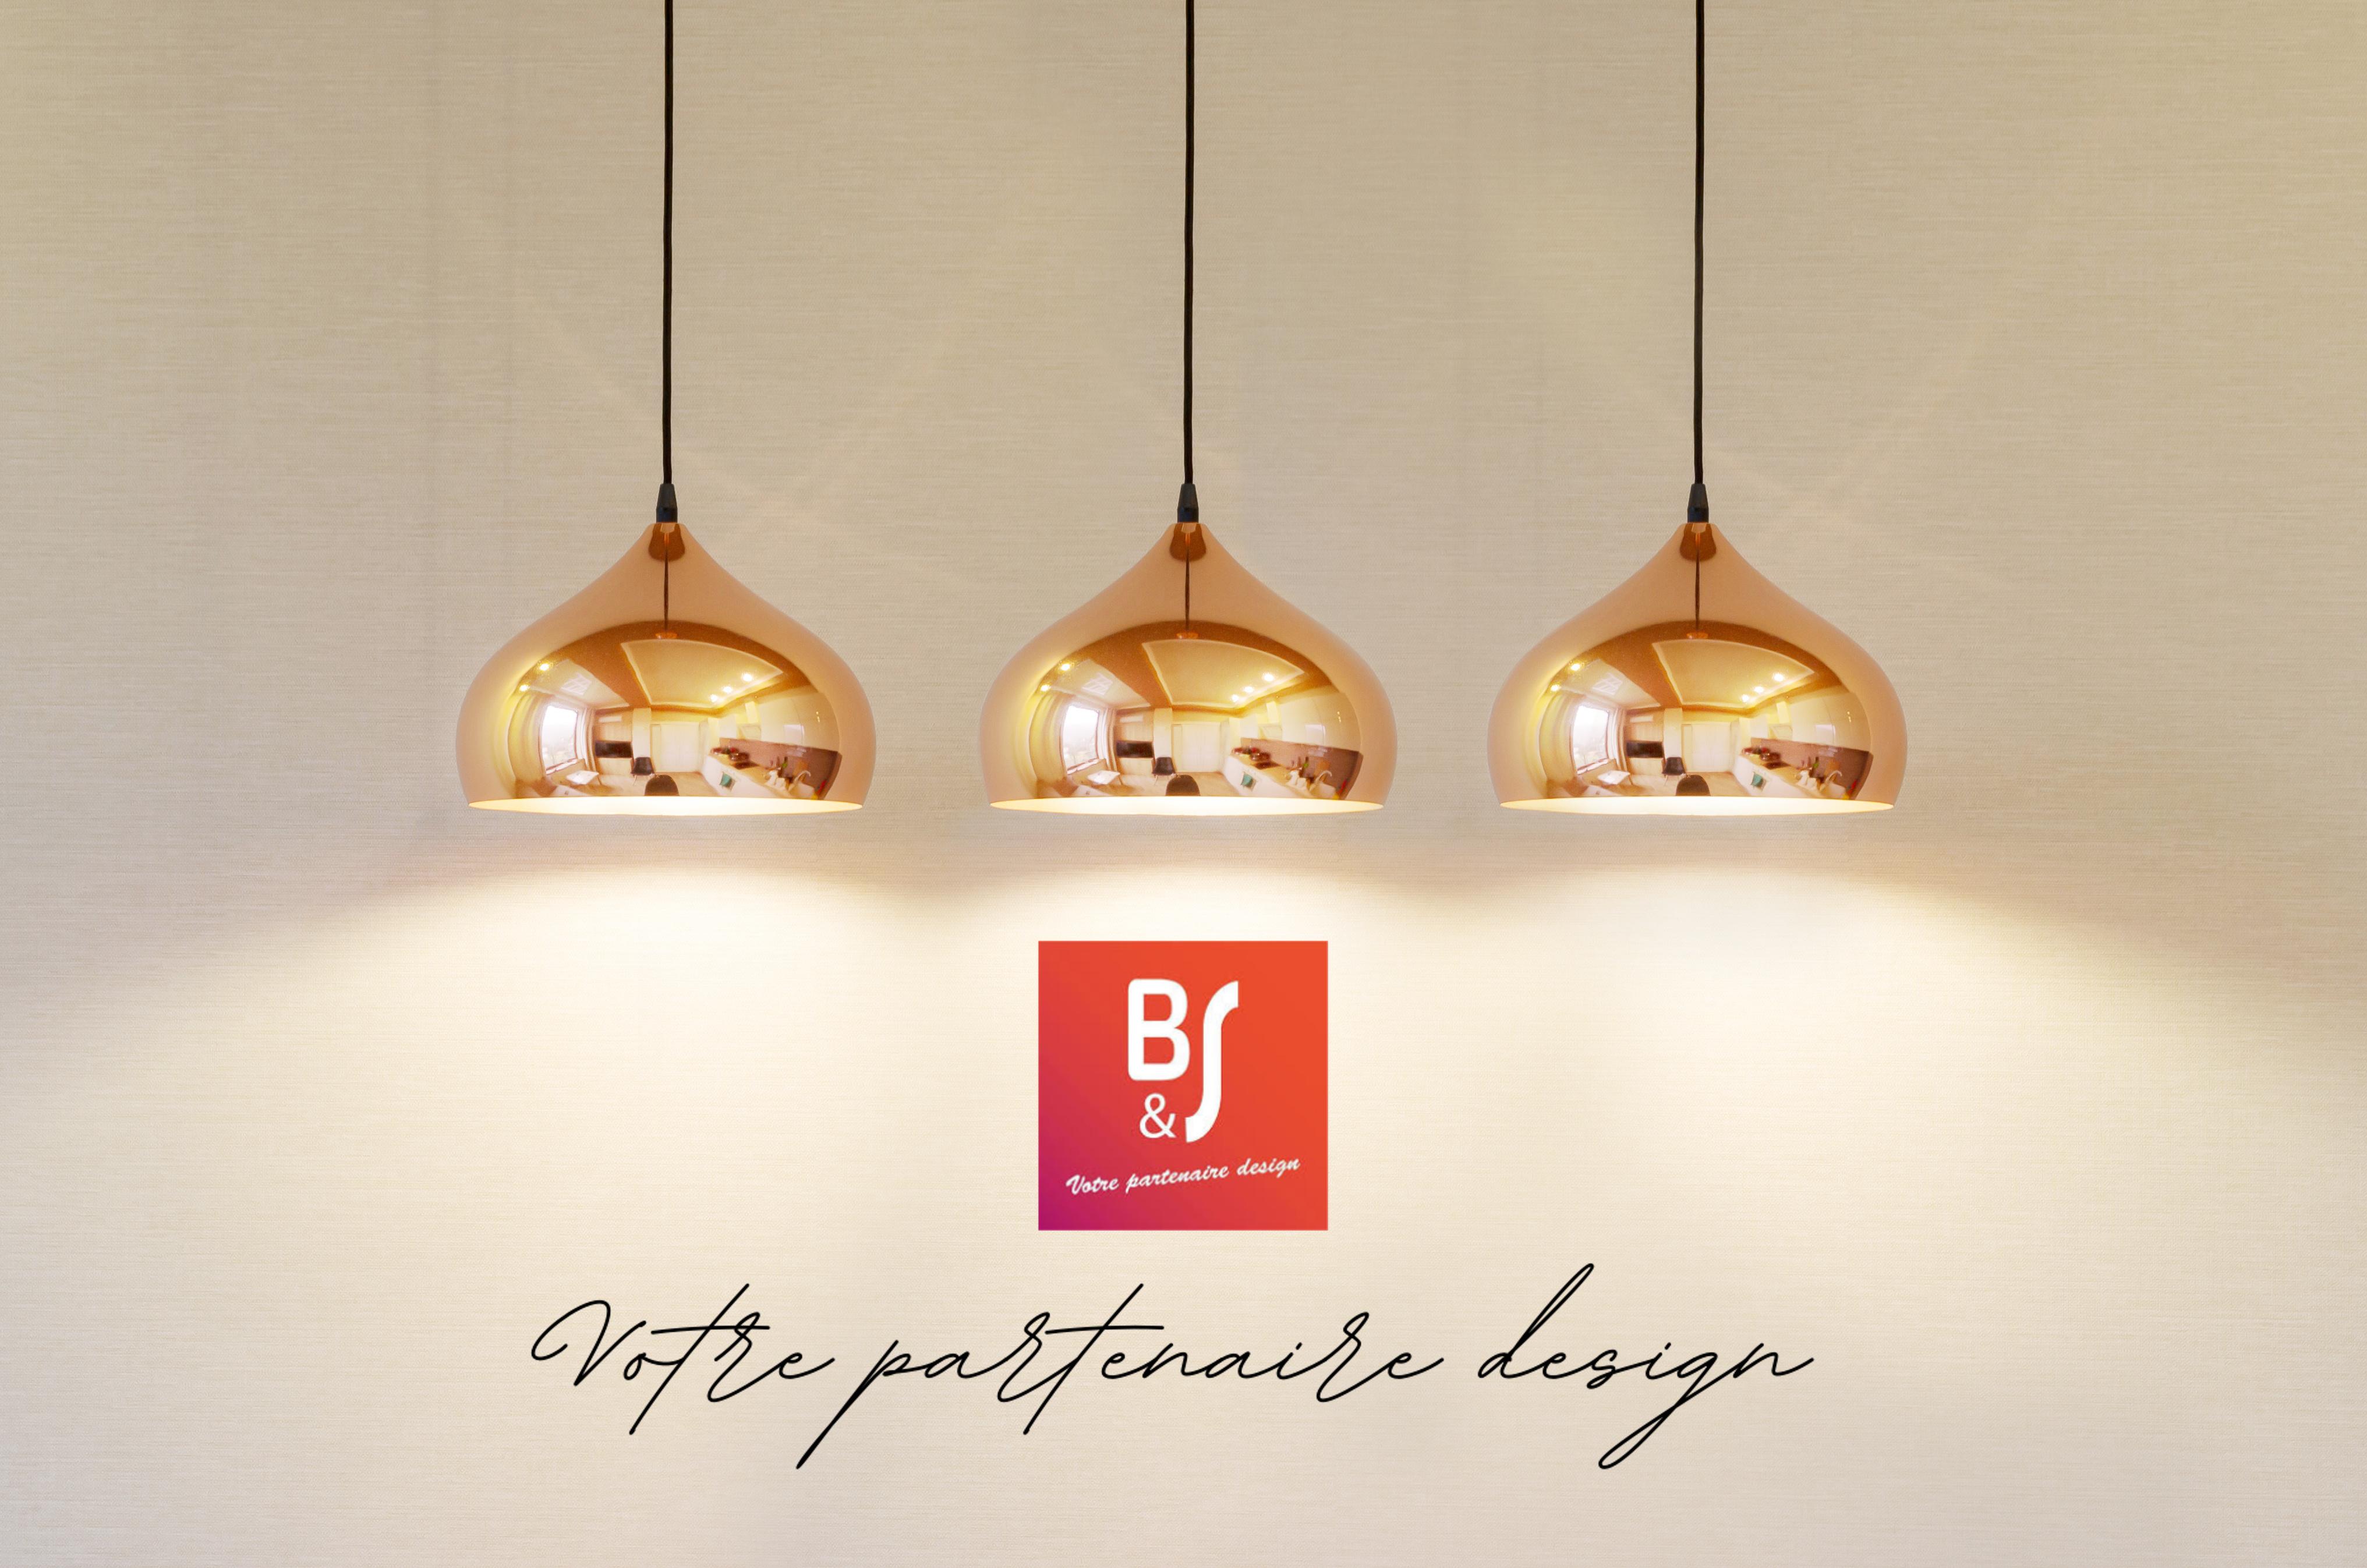 bois-sofa-mobilier-luminaires-decoration